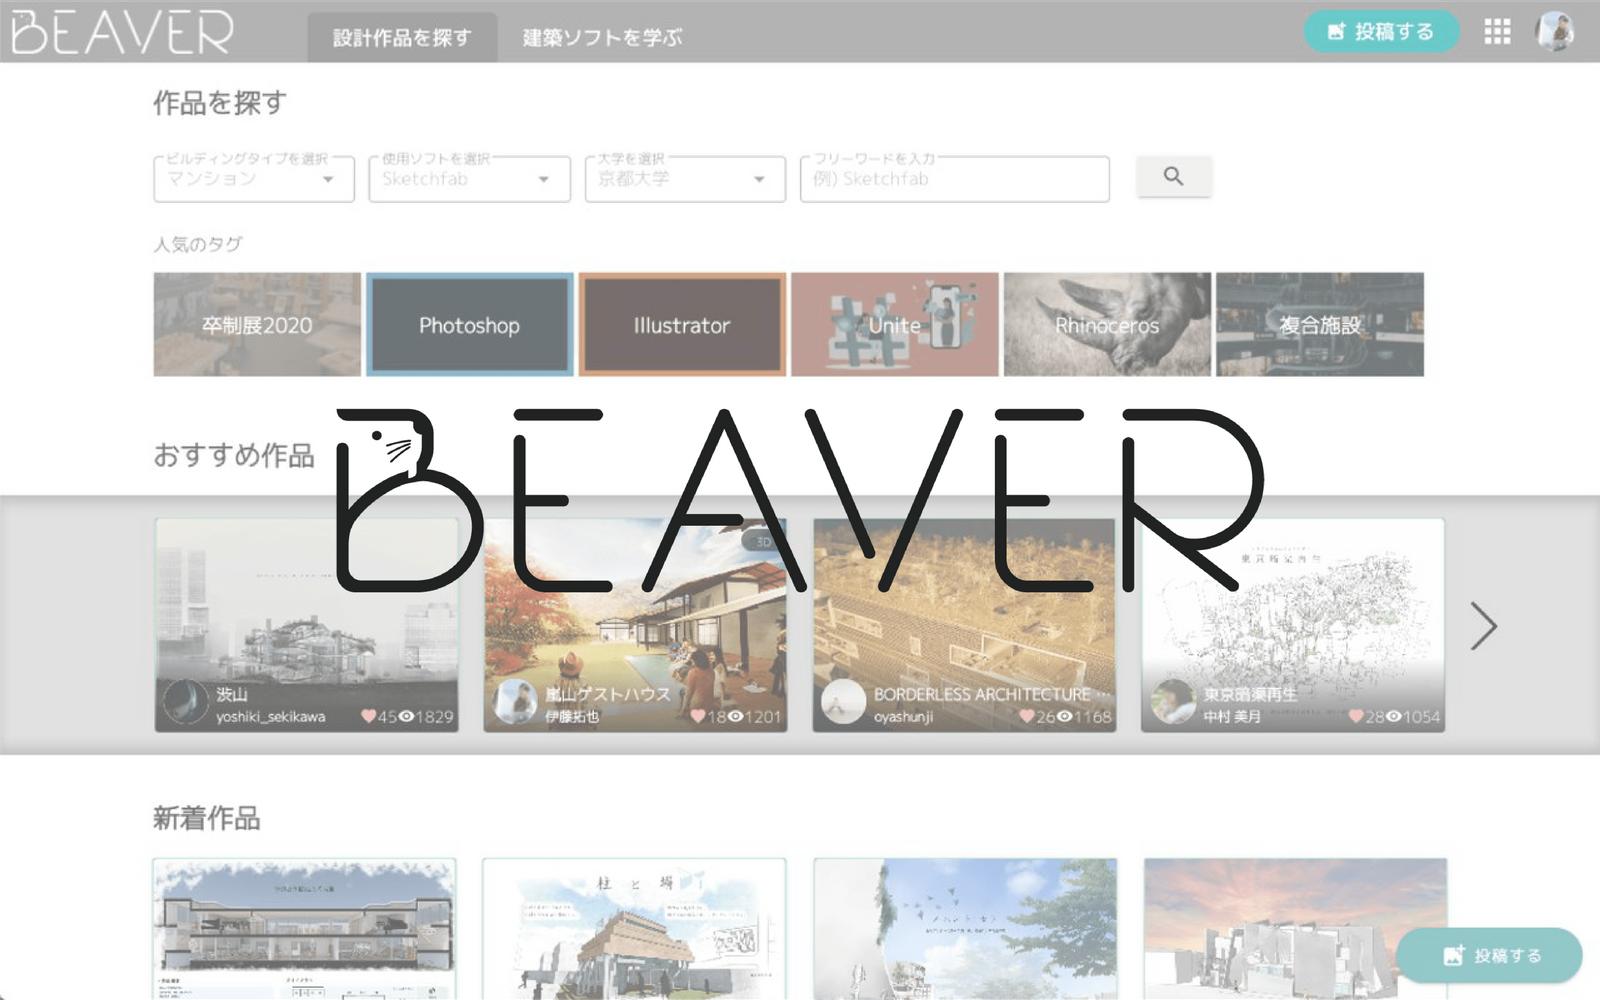 設計作品共有/建築ソフト学習サービスBEAVER